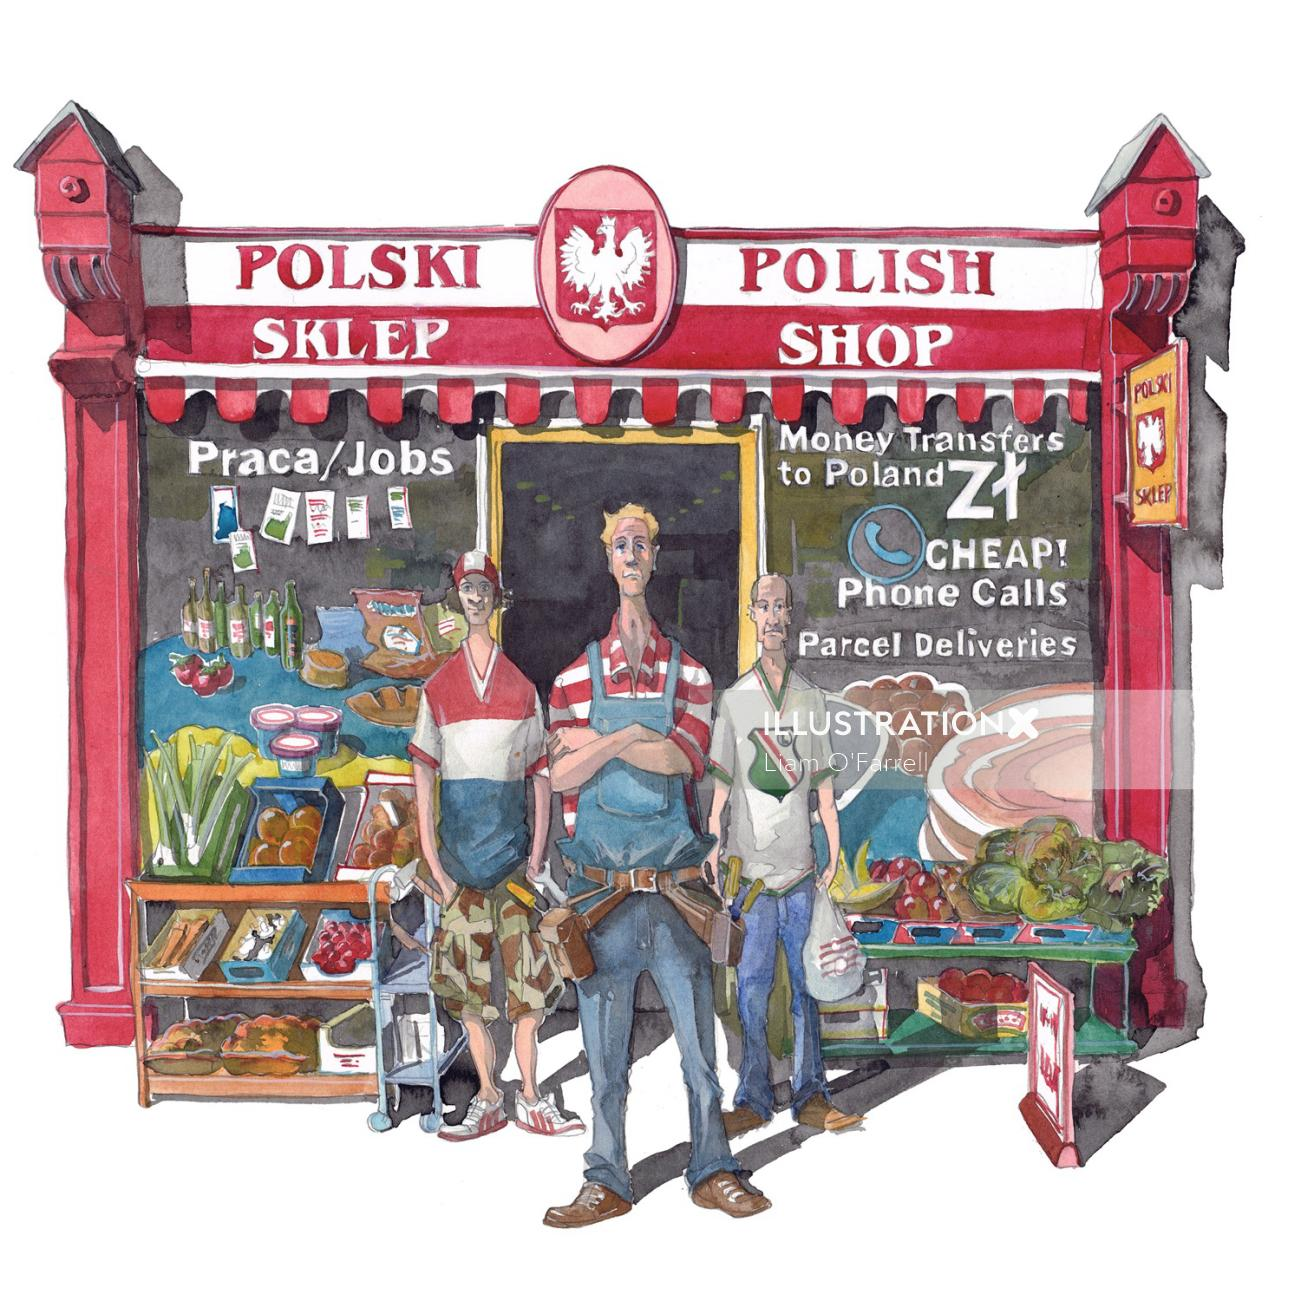 A cartoon of Polish men outside a shop